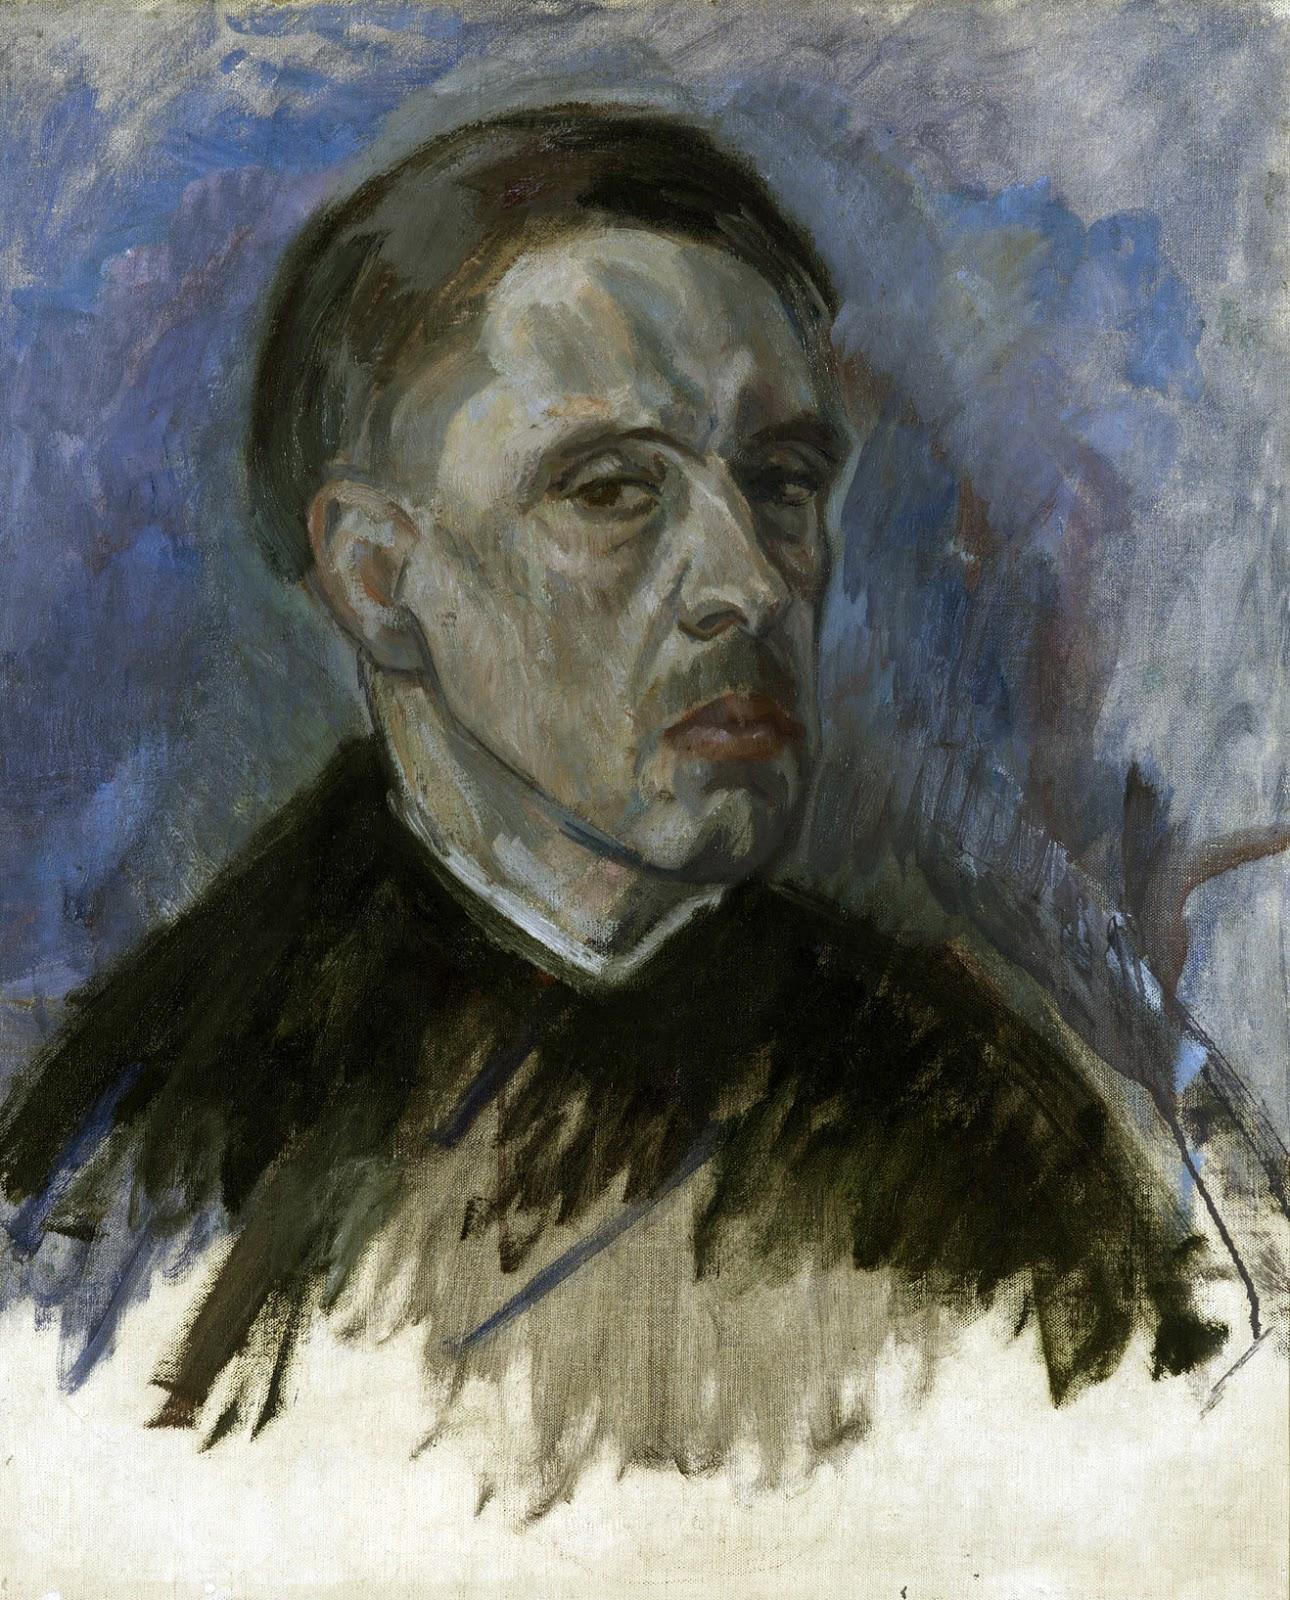 Juan de Echevarría, Galería de autorretratos, Pintor español, Pintura española, Pintores Realistas Españoles, Galería de retratos Figurativos, Pintor Juan de Echevarría